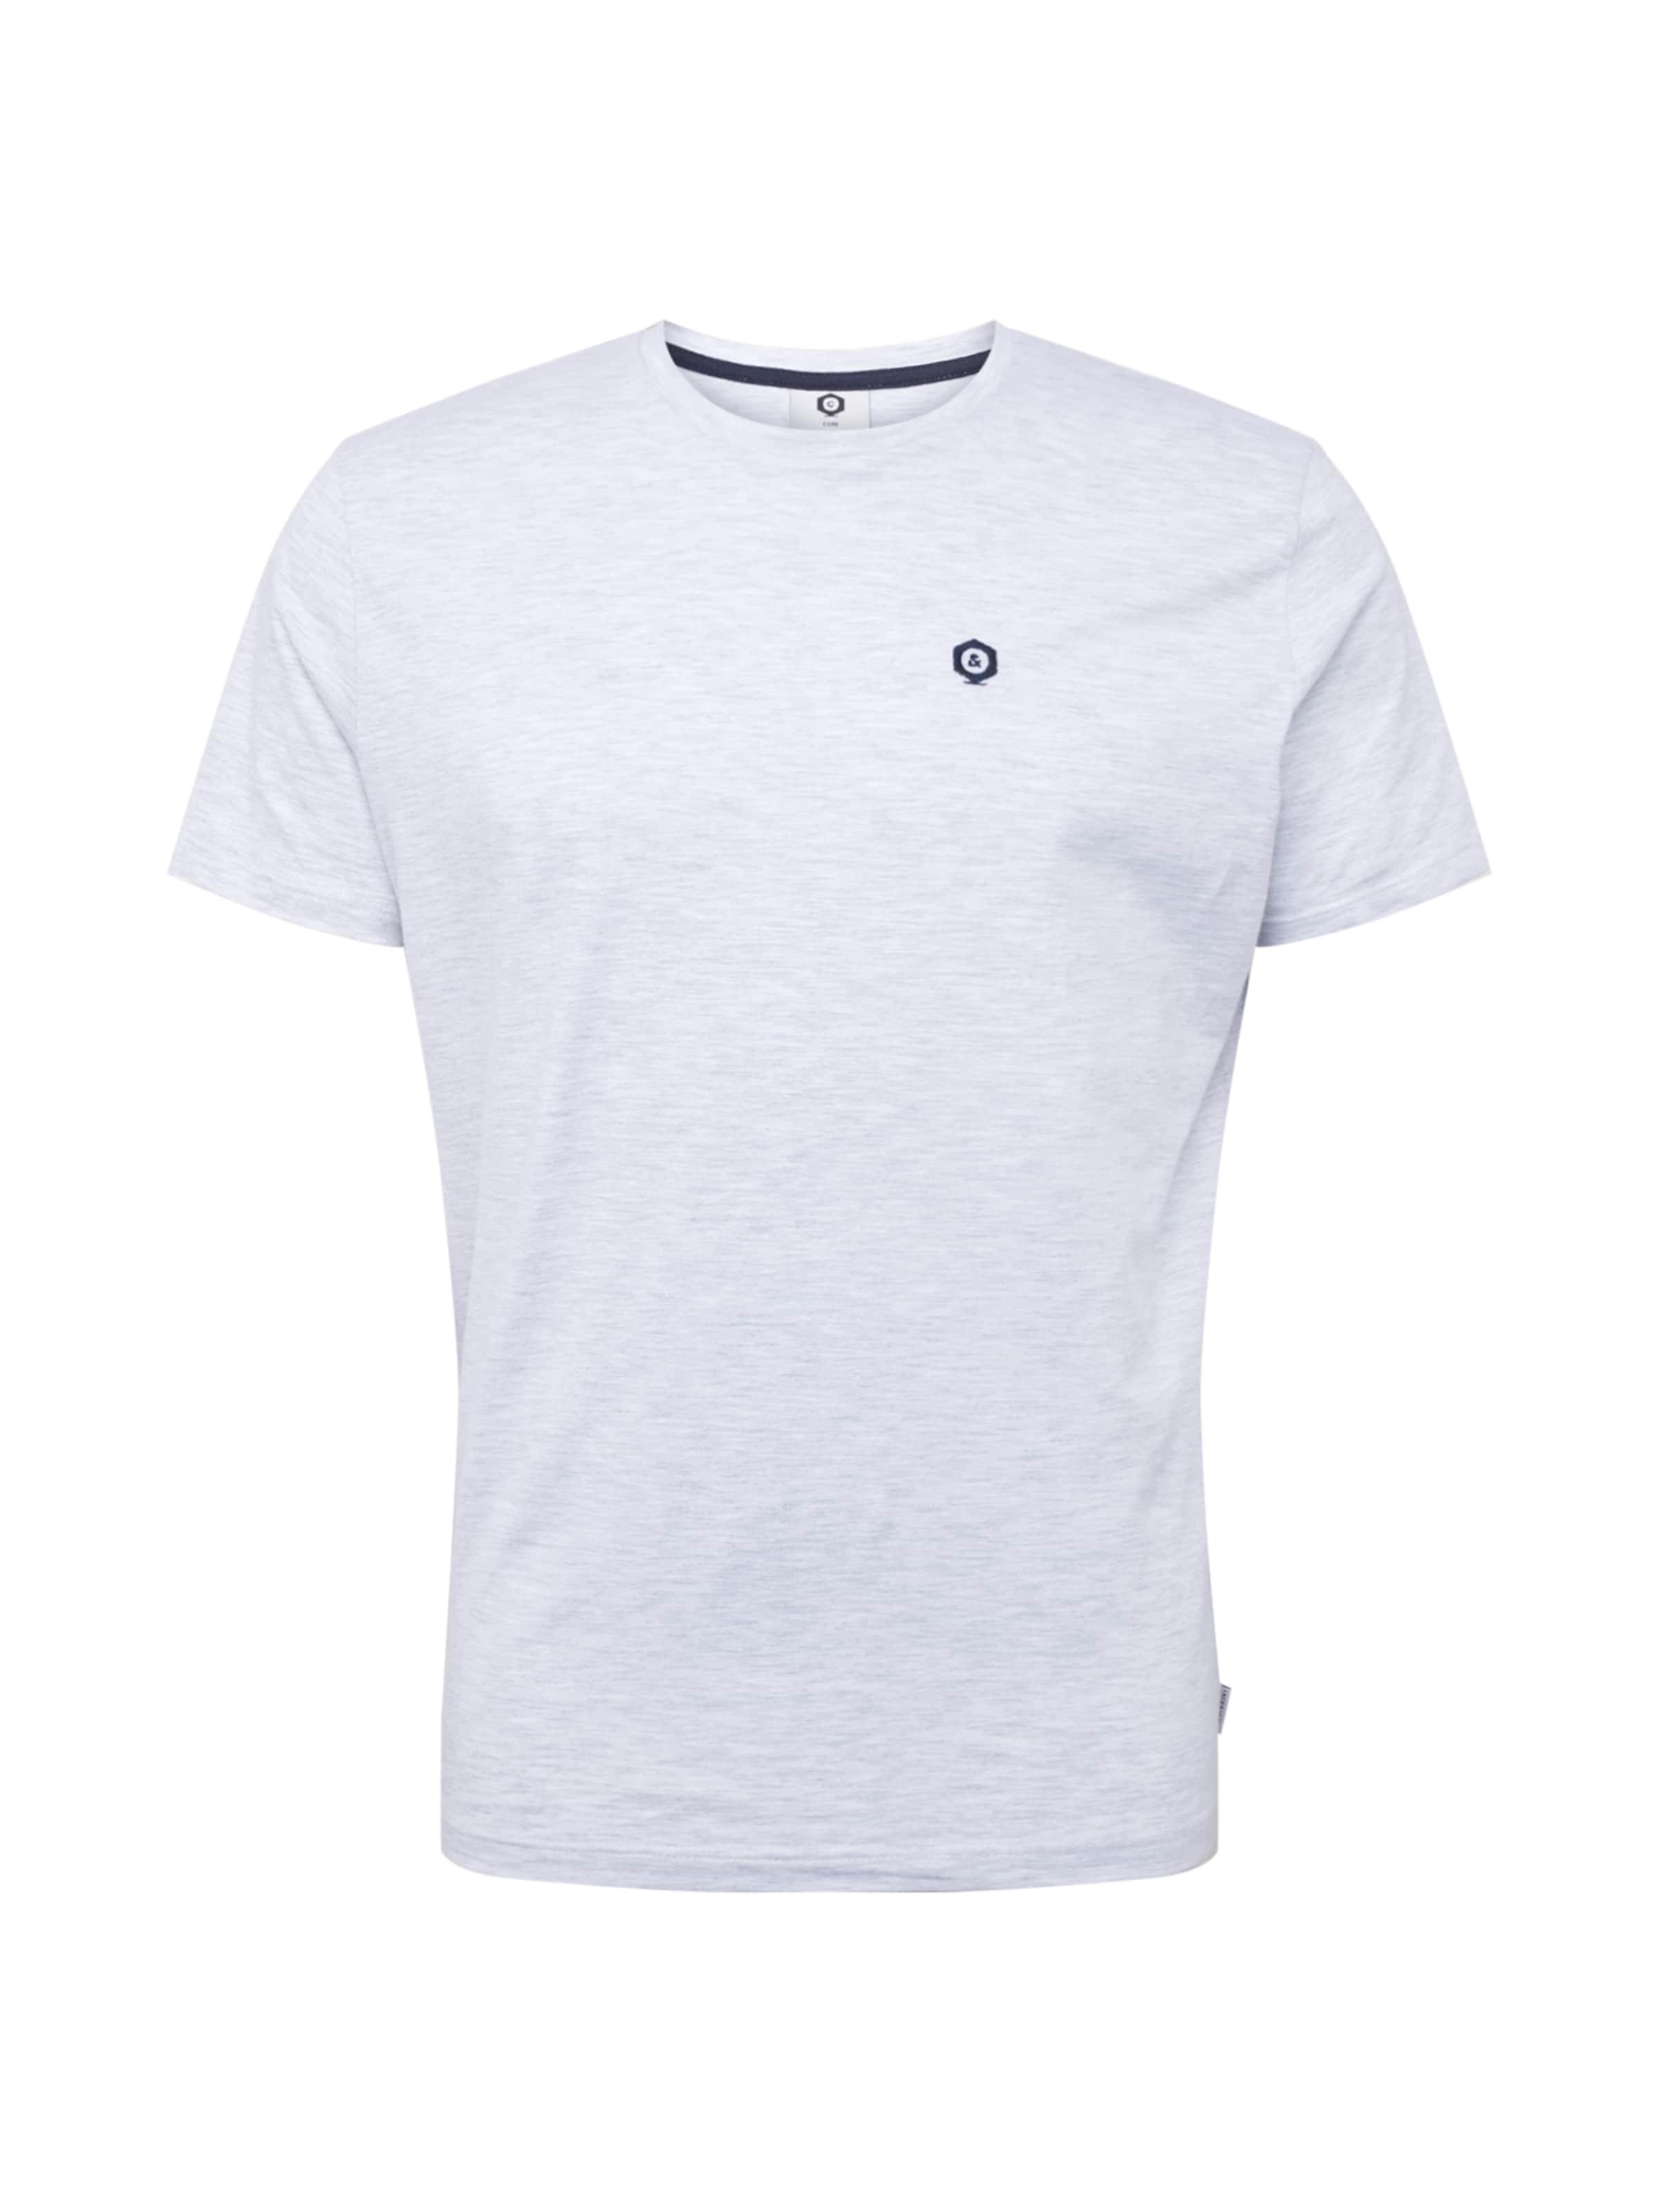 'jcoboston' Bleu Jackamp; En Jones T Foncé shirt T1JcKFl3